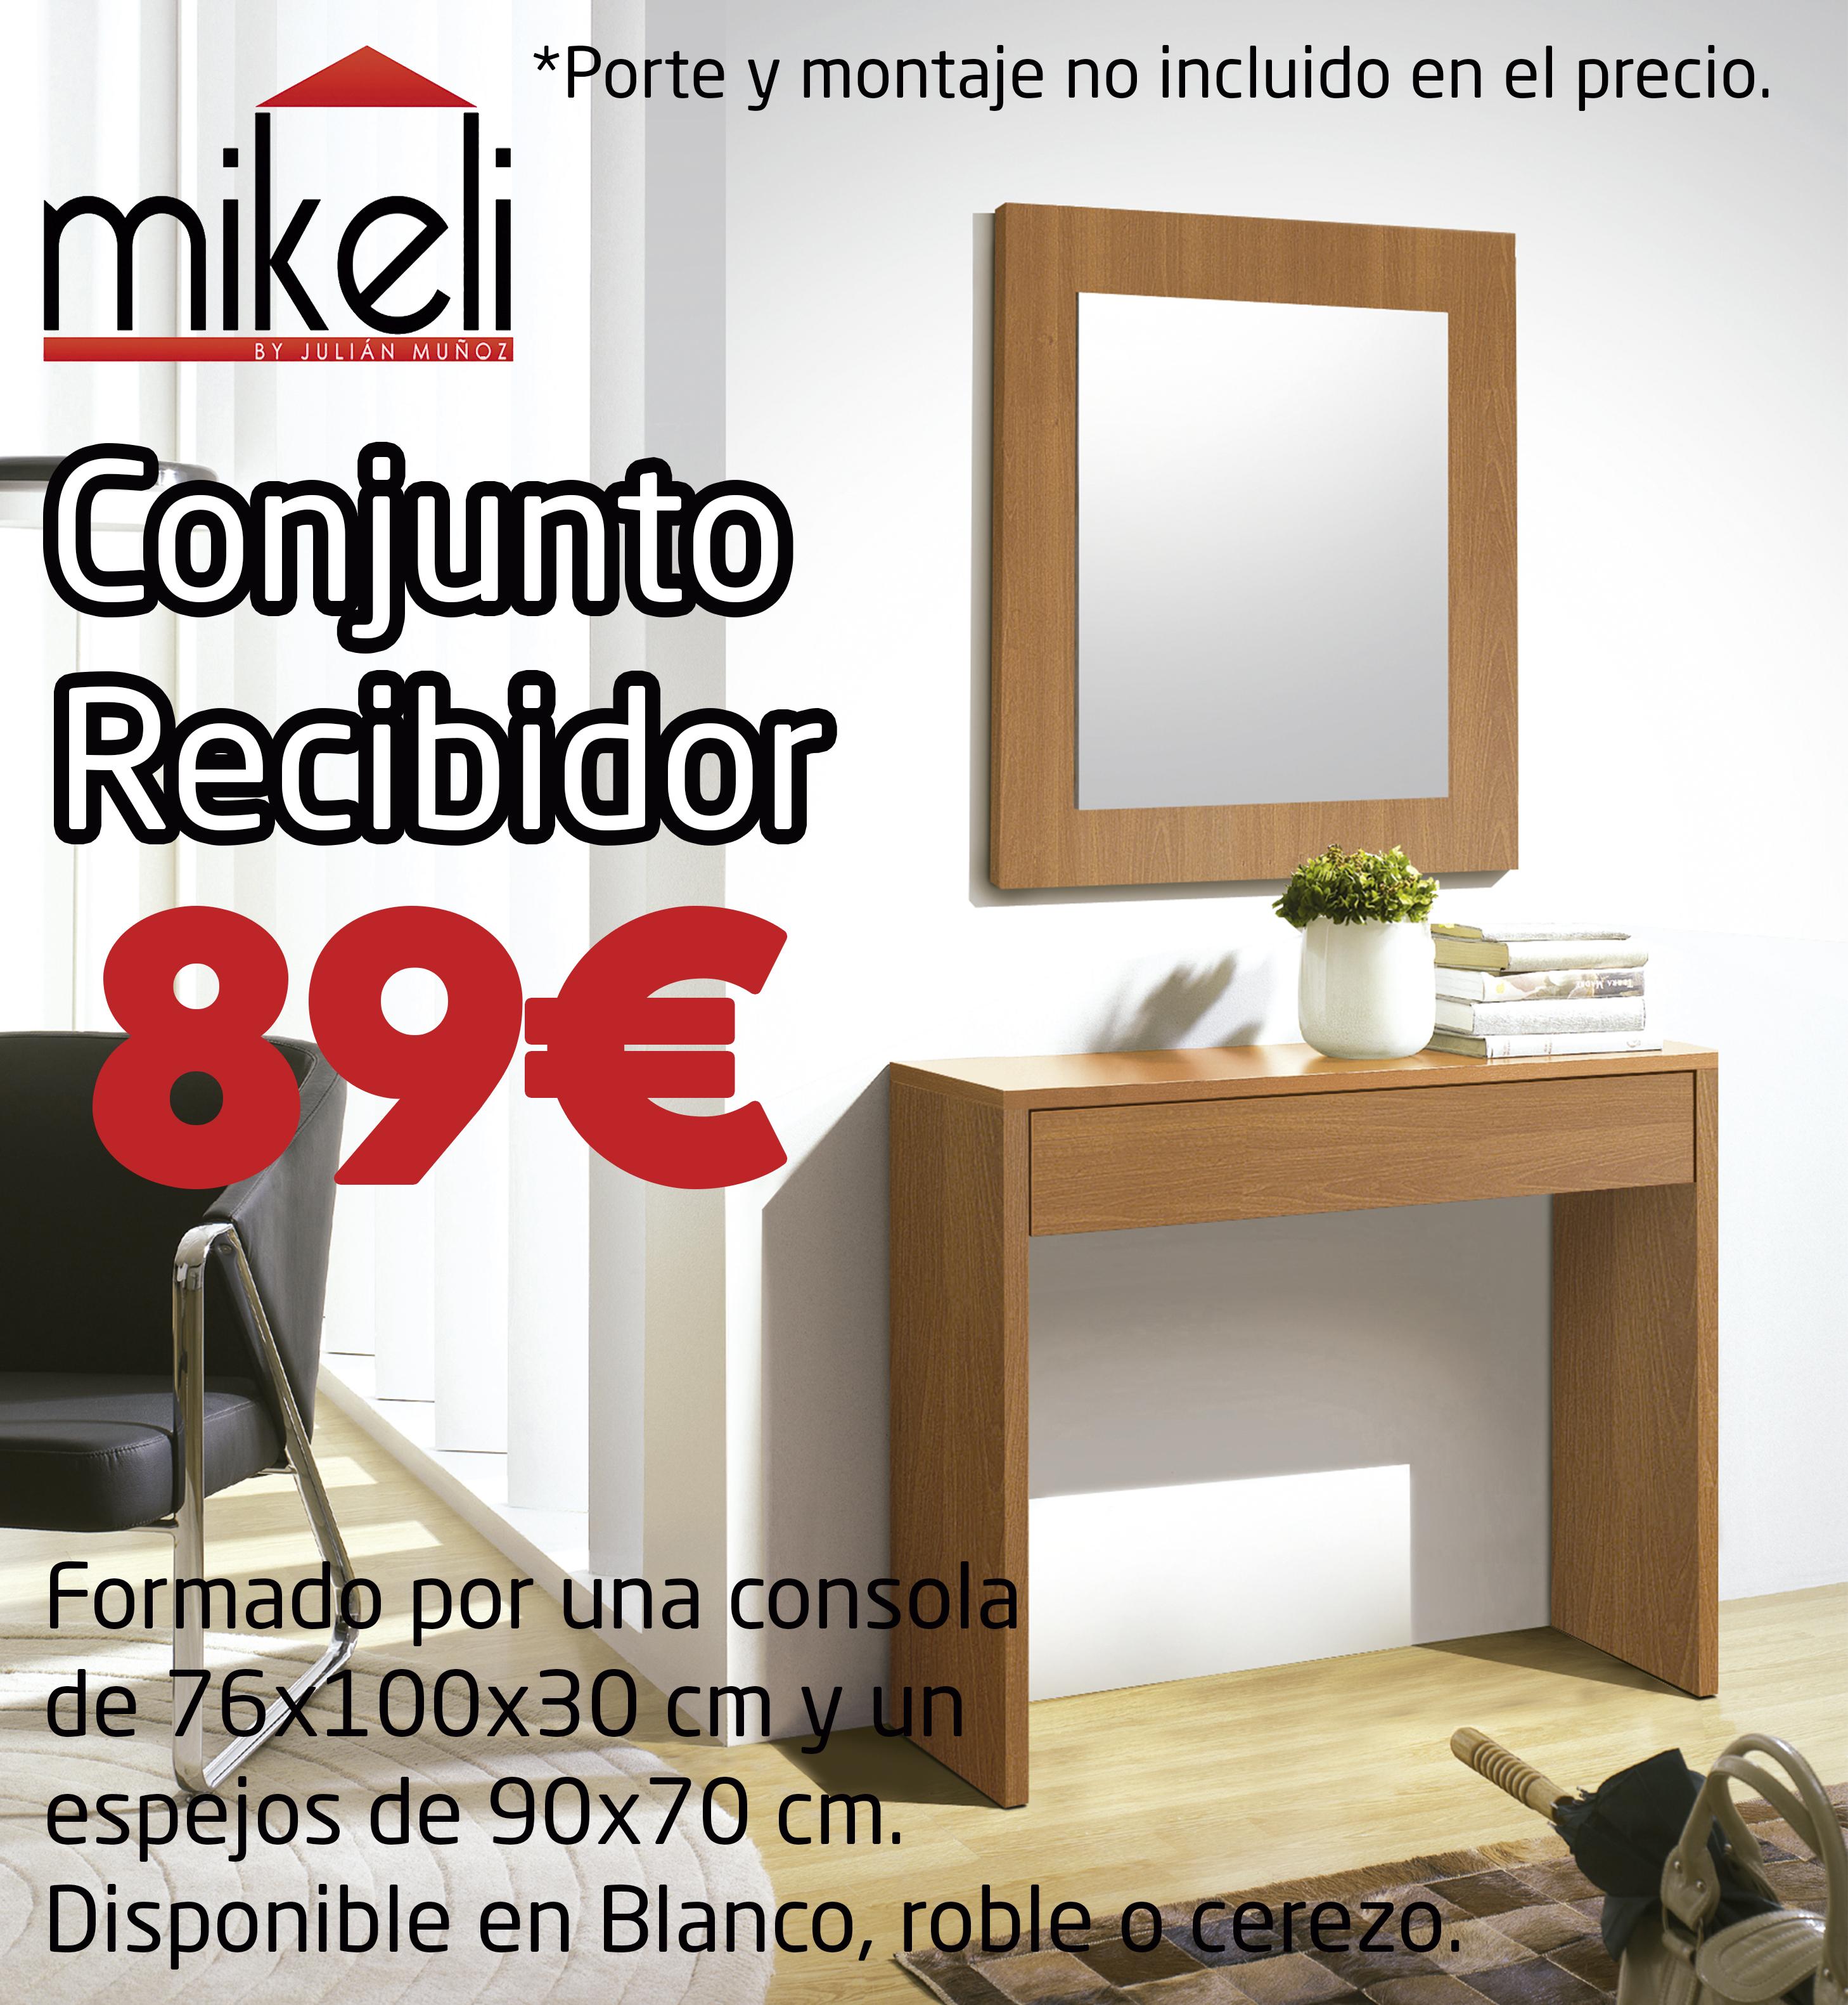 Conjunto Recibidor 2 Gilabert Mikeli Tu Tienda De Muebles A  # Muebles Gilabert